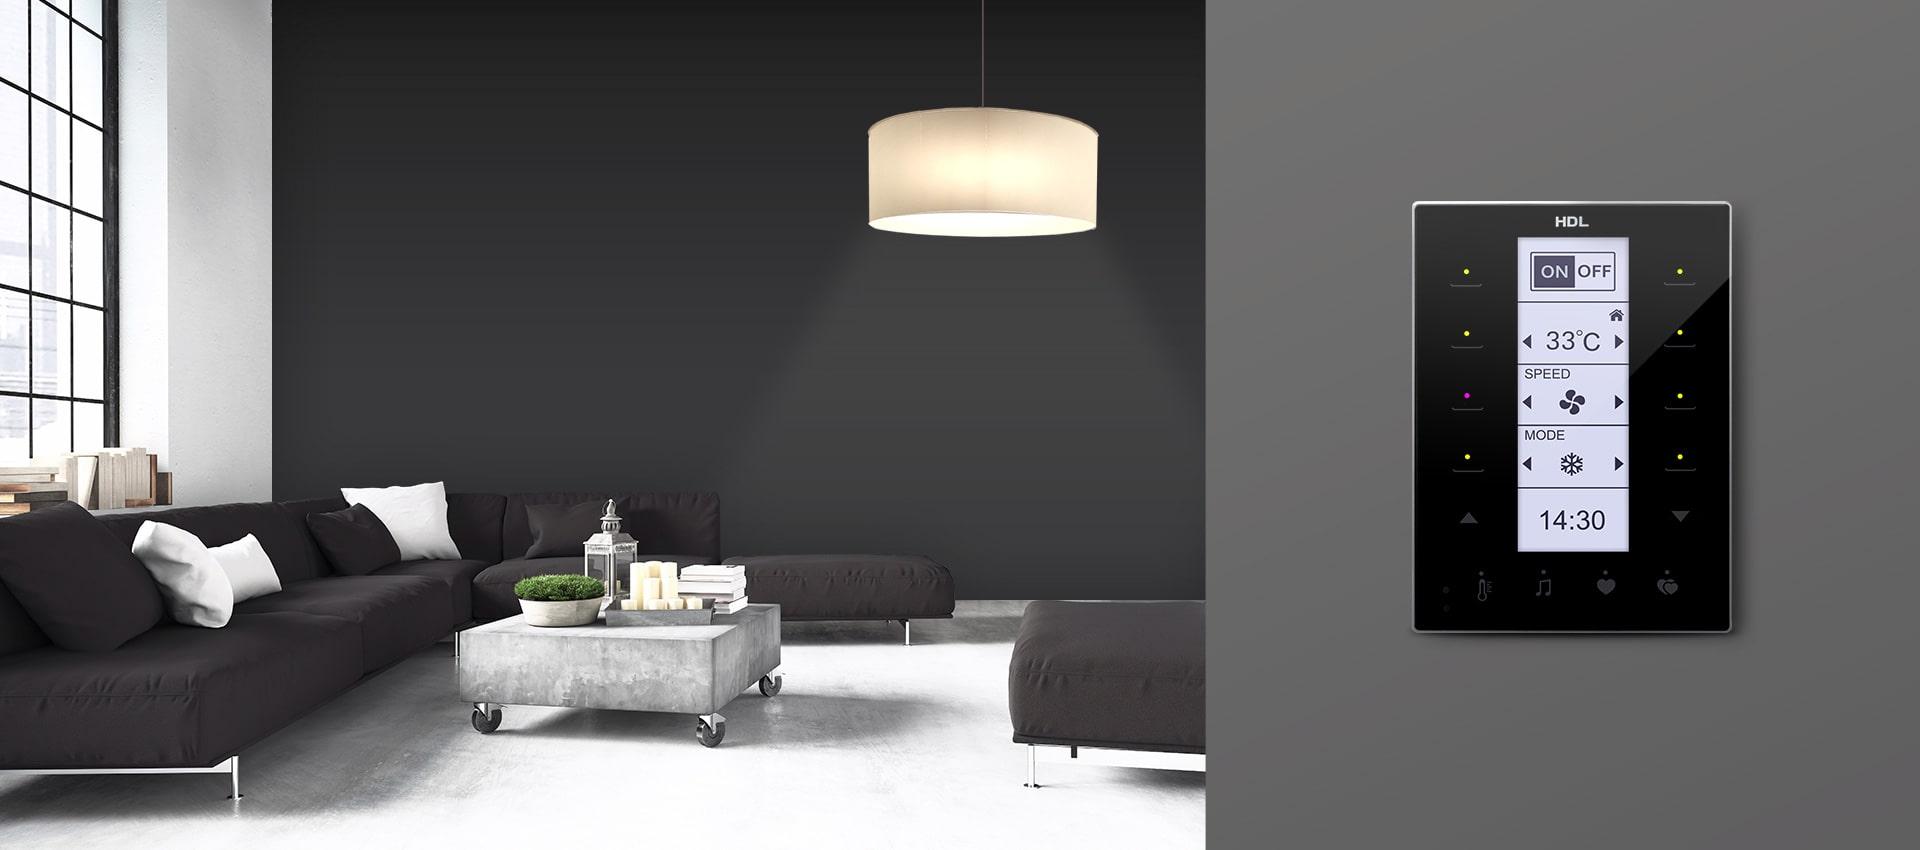 ظرافت و زیبایی در طراحی کلید هوشمند و لمسی DLP برند HDL خانه هوشمند شما را بینظیر خواهد کرد.